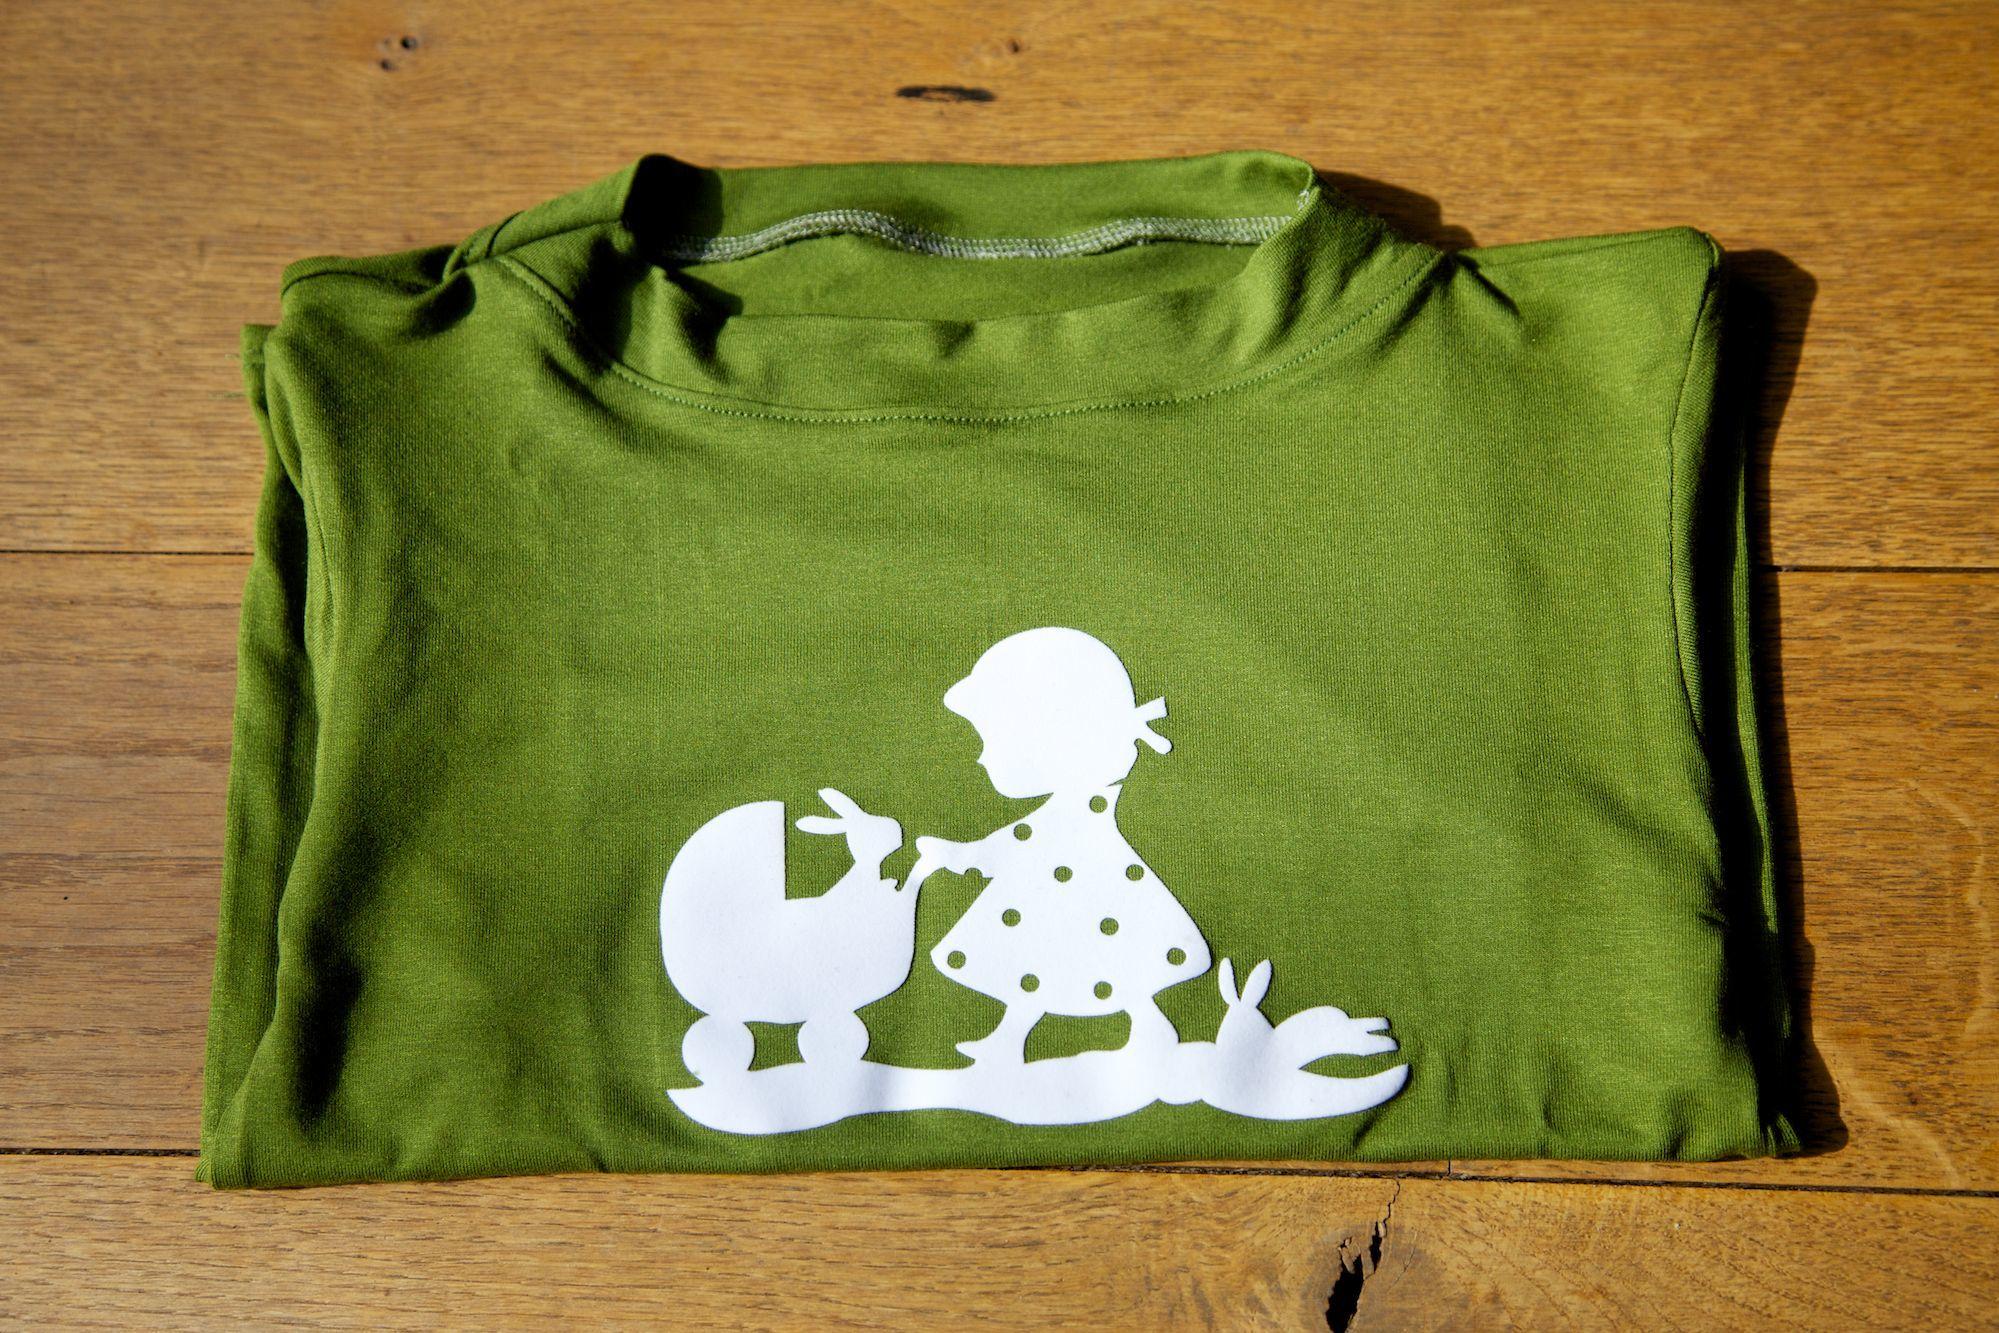 Compagnie-M_t-shirt_1